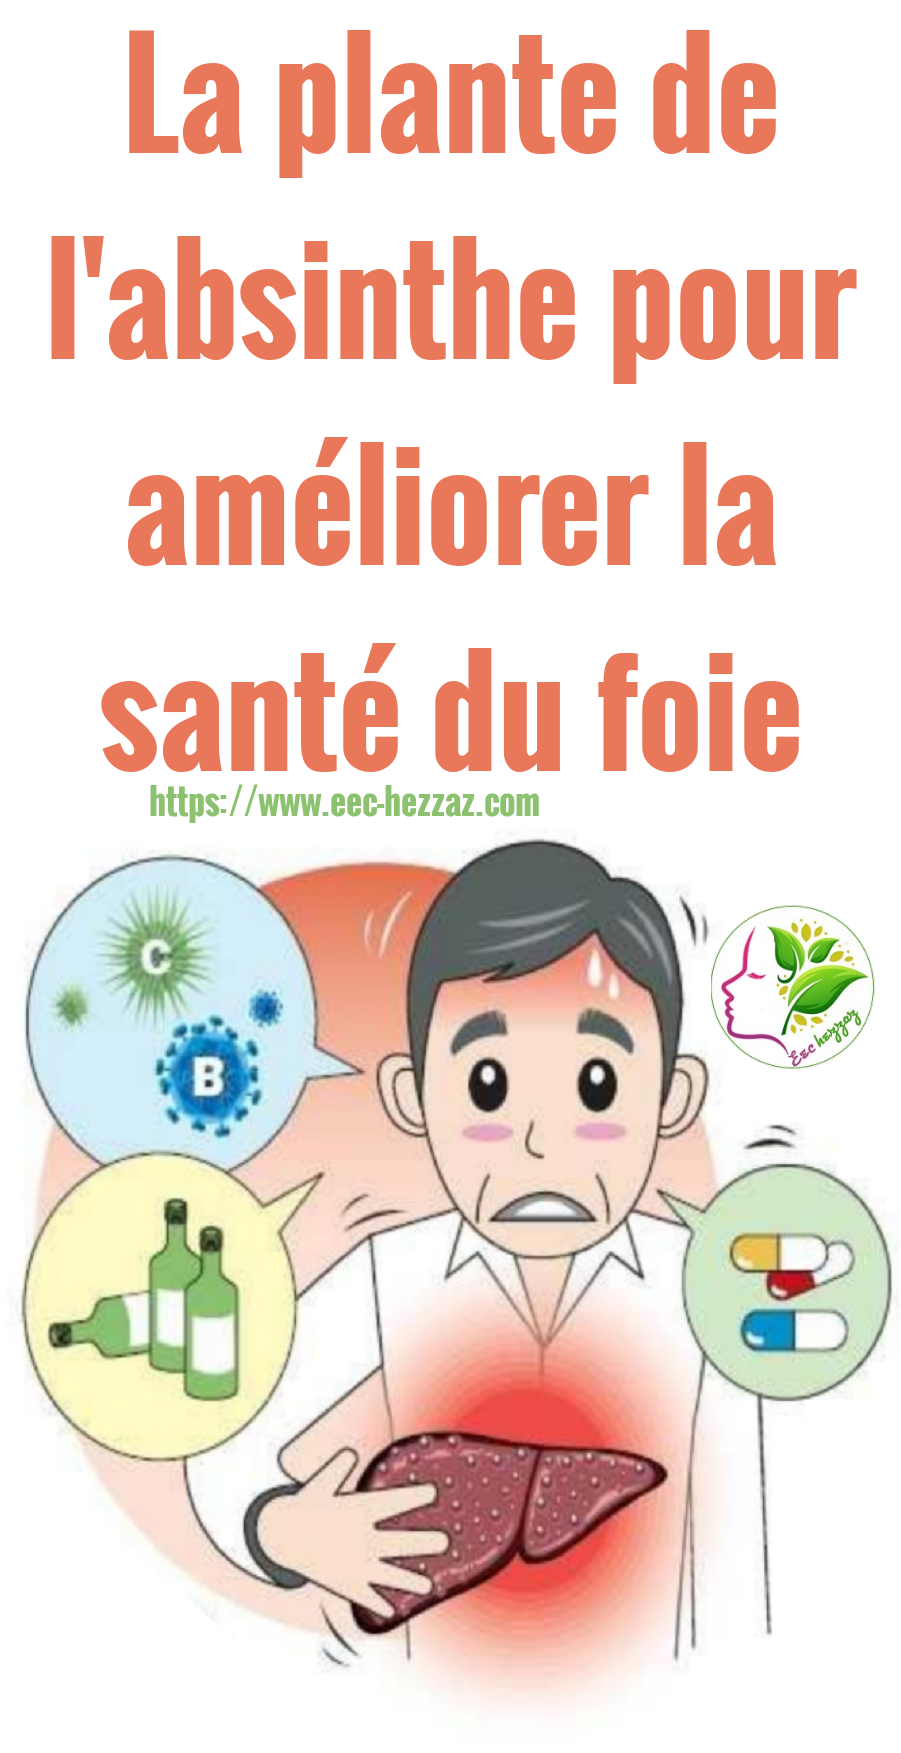 La plante de l'absinthe pour améliorer la santé du foie